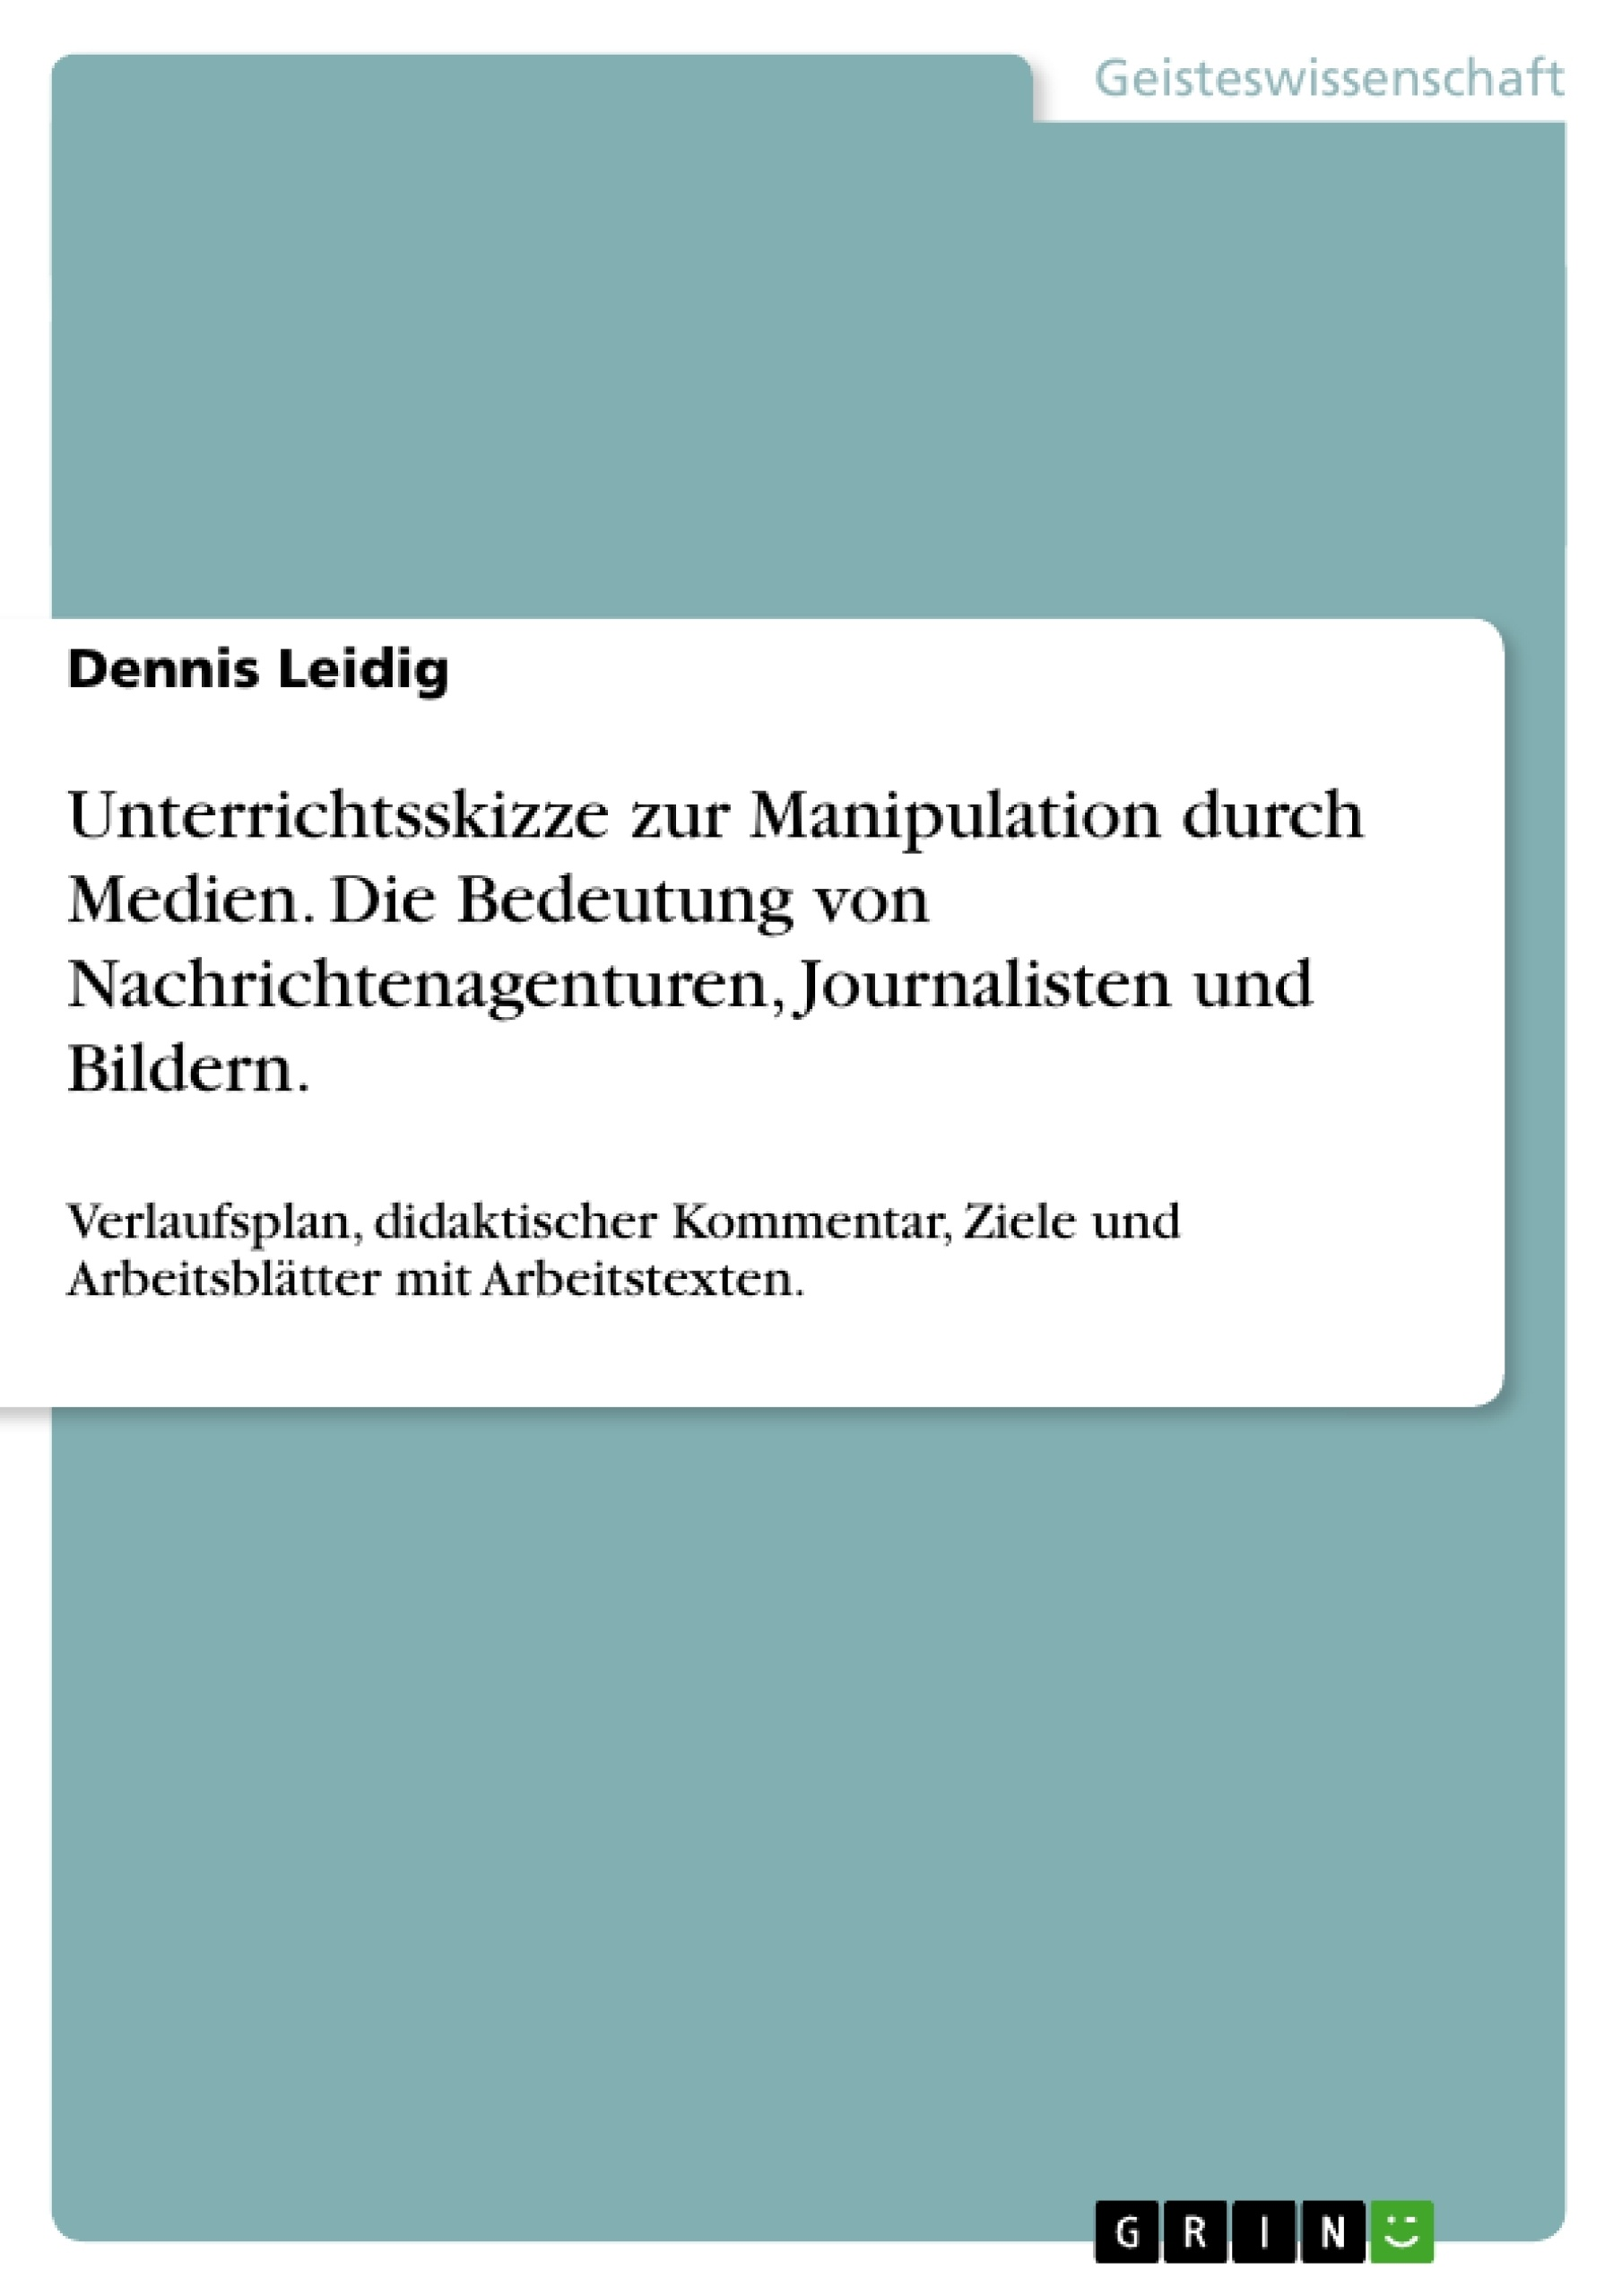 Titel: Unterrichtsskizze zur Manipulation durch Medien. Die Bedeutung von Nachrichtenagenturen, Journalisten und Bildern.